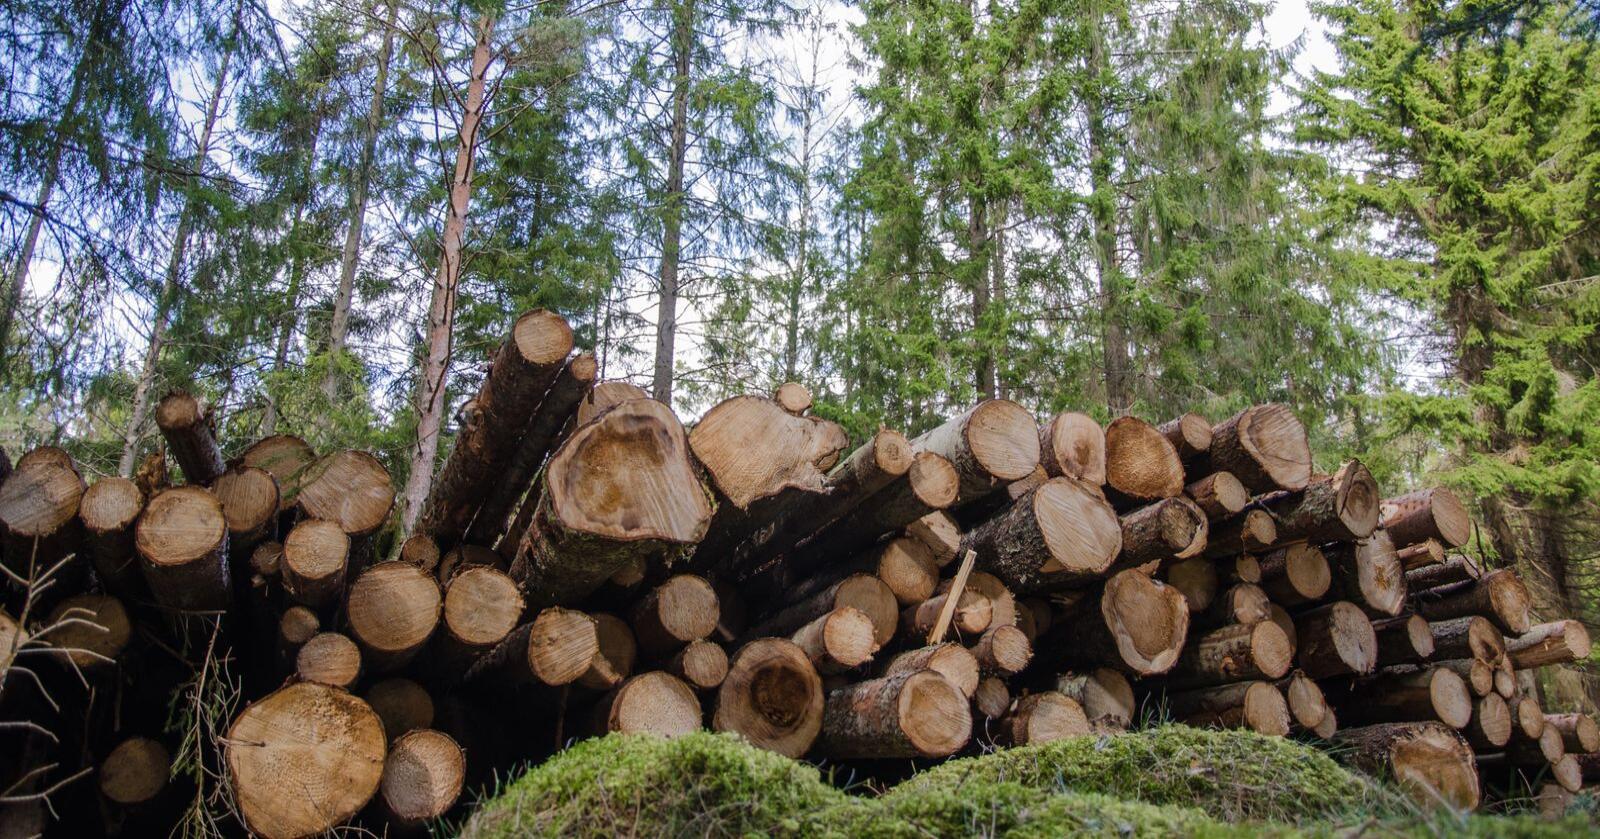 Ikke bærekraftig: Norsk skogbruk er ikke bærekraftig før næringsnøytrale, fagbiologiske registreringer er foretatt i all skog som planlegges hogd, skriver innsenderen. Foto: Mostphotos